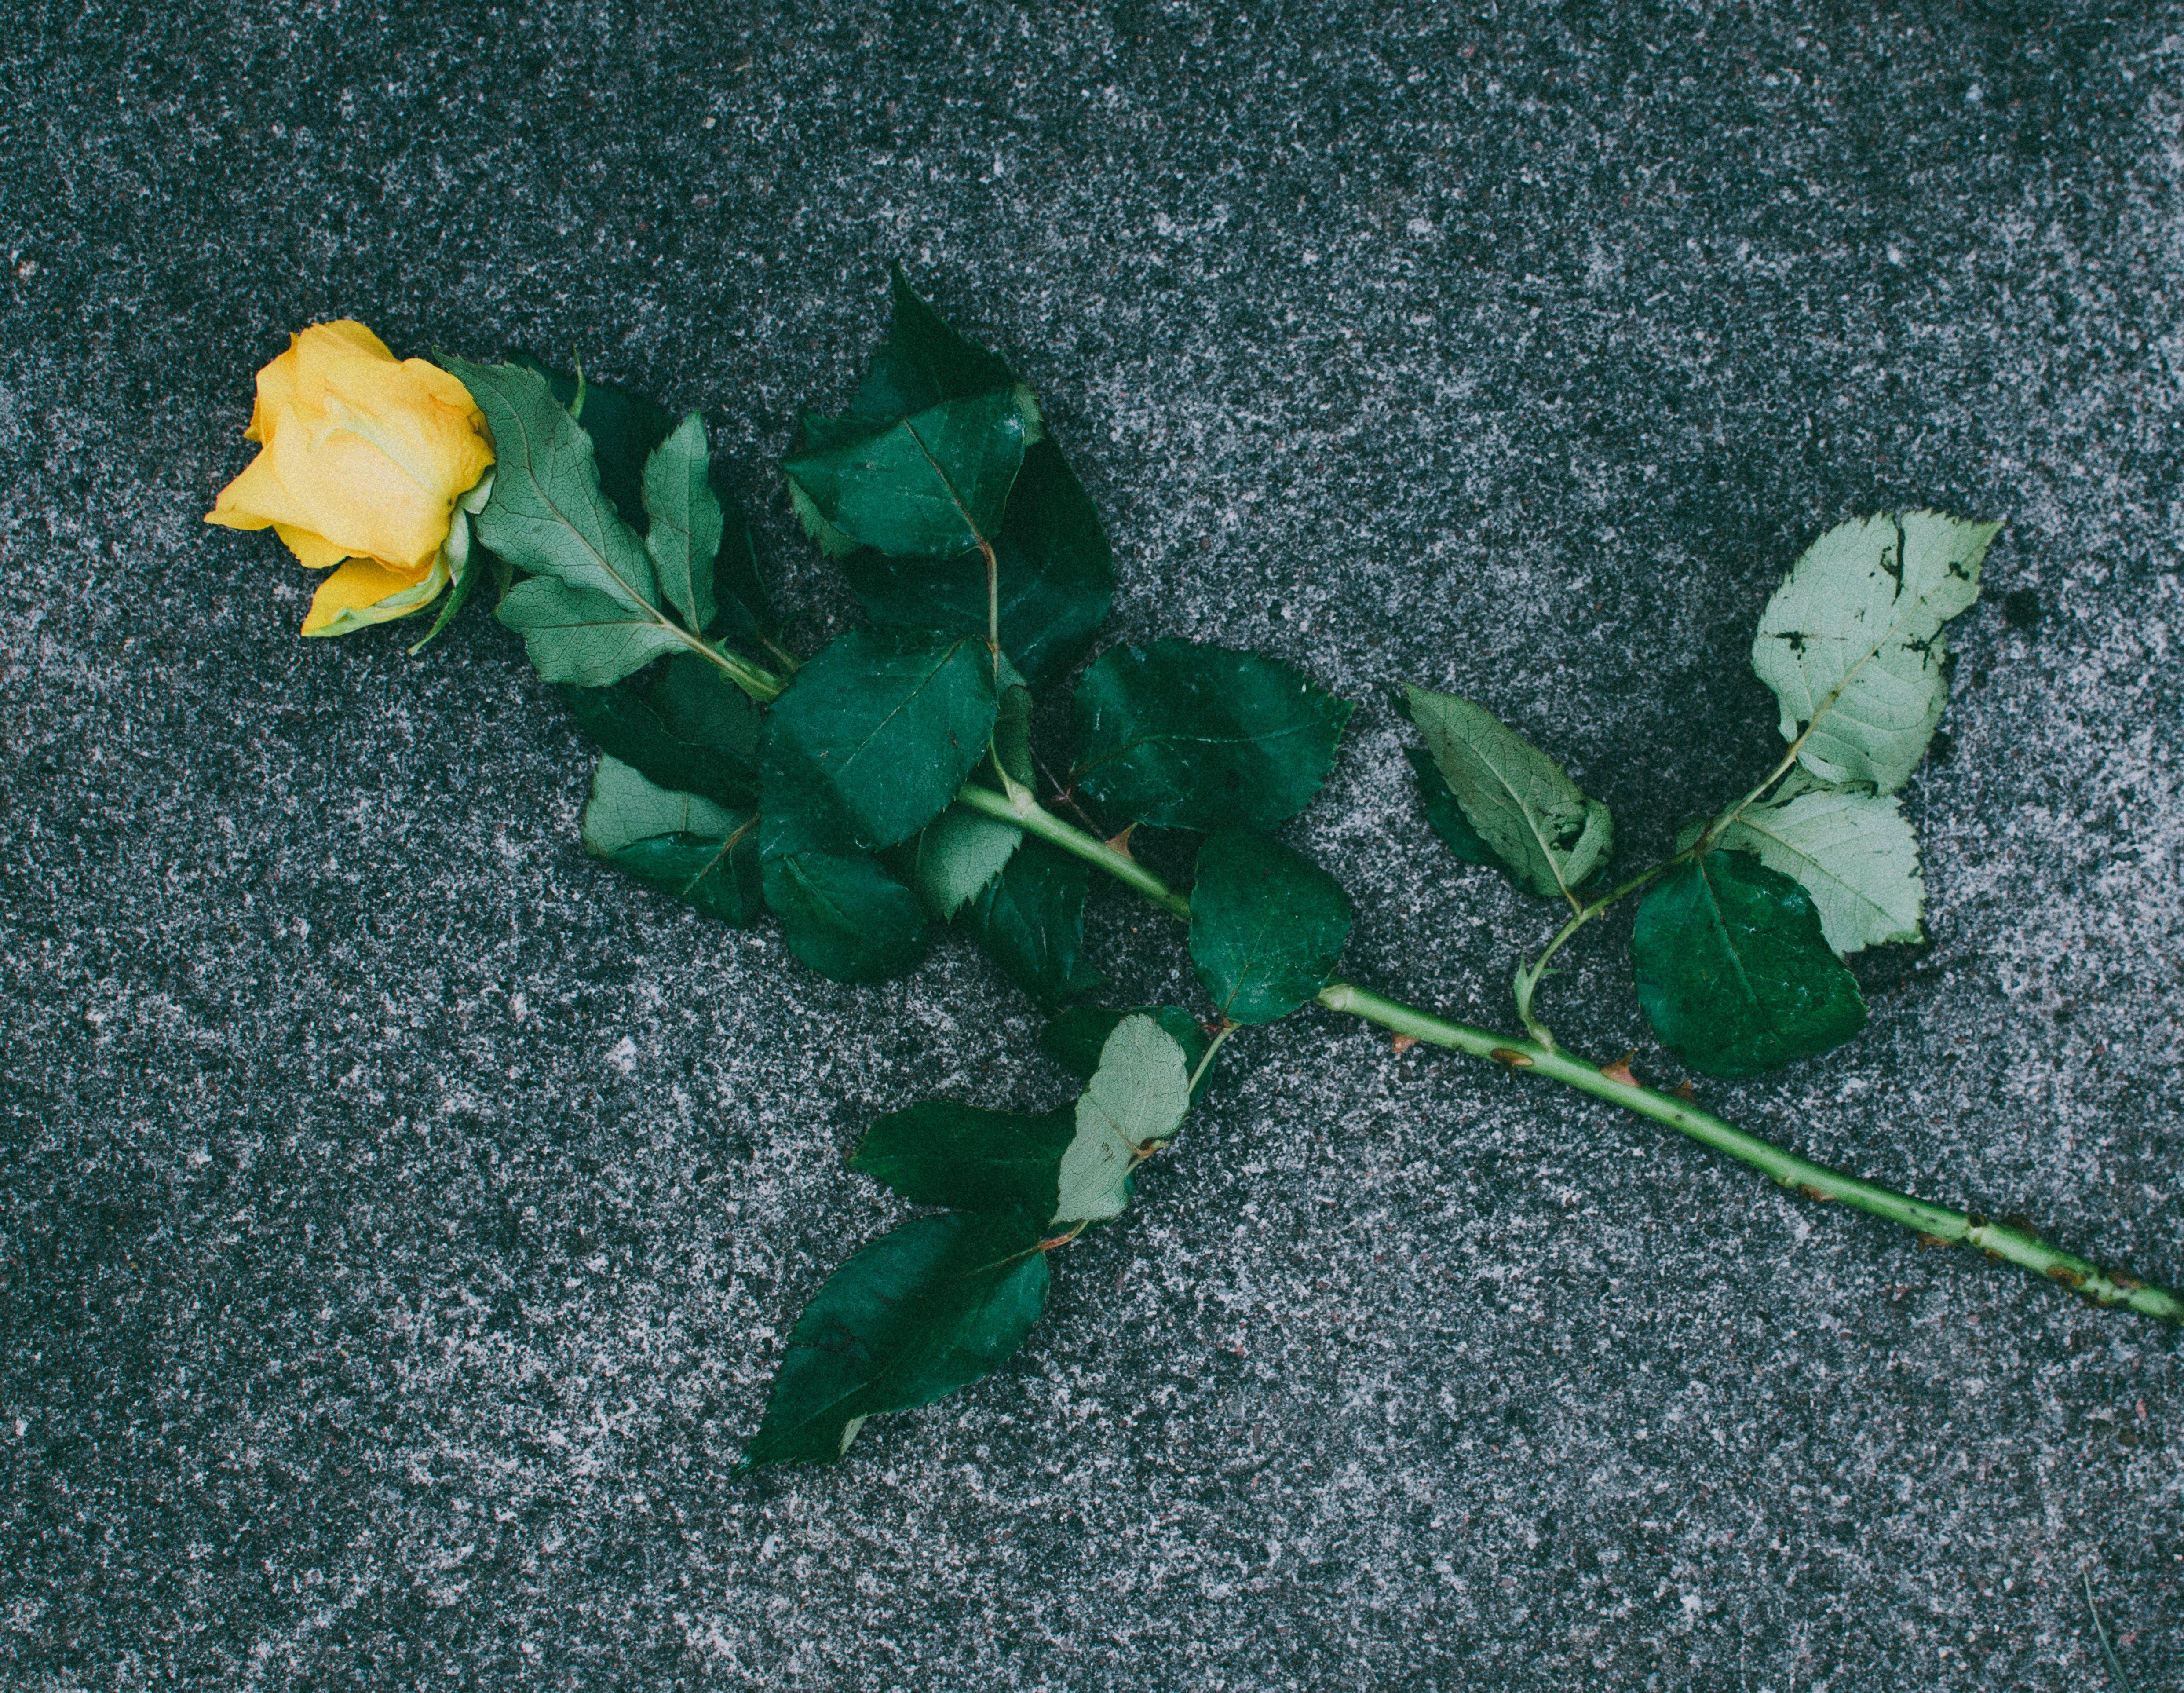 植物群, 樹葉, 玫瑰, 綻放 的 免費圖庫相片